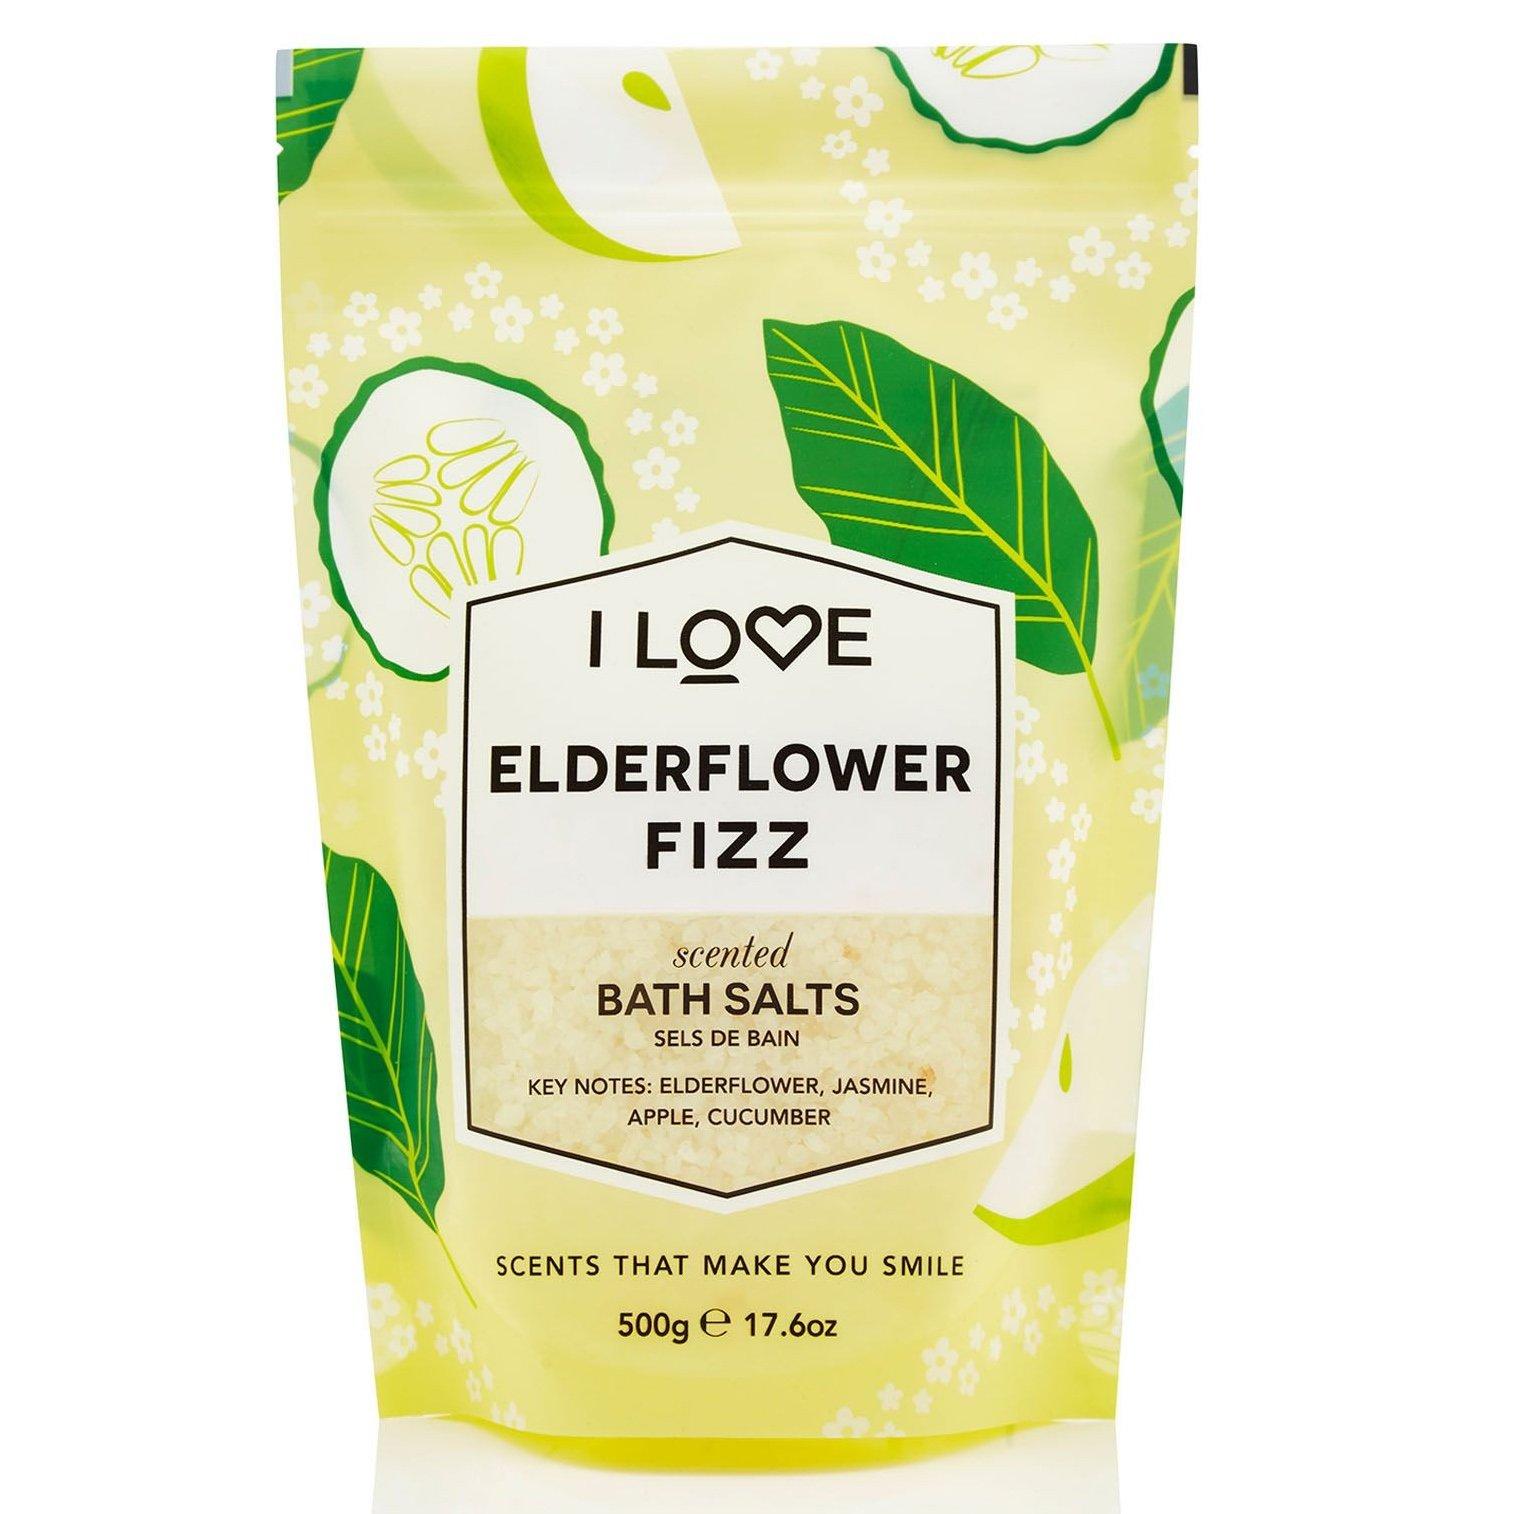 I love… Elderflower Fizz Scented Bath Salts Άλατα Μπάνιου με Υπέροχο Άρωμα από Εκχυλίσματα Φρούτων 500gr